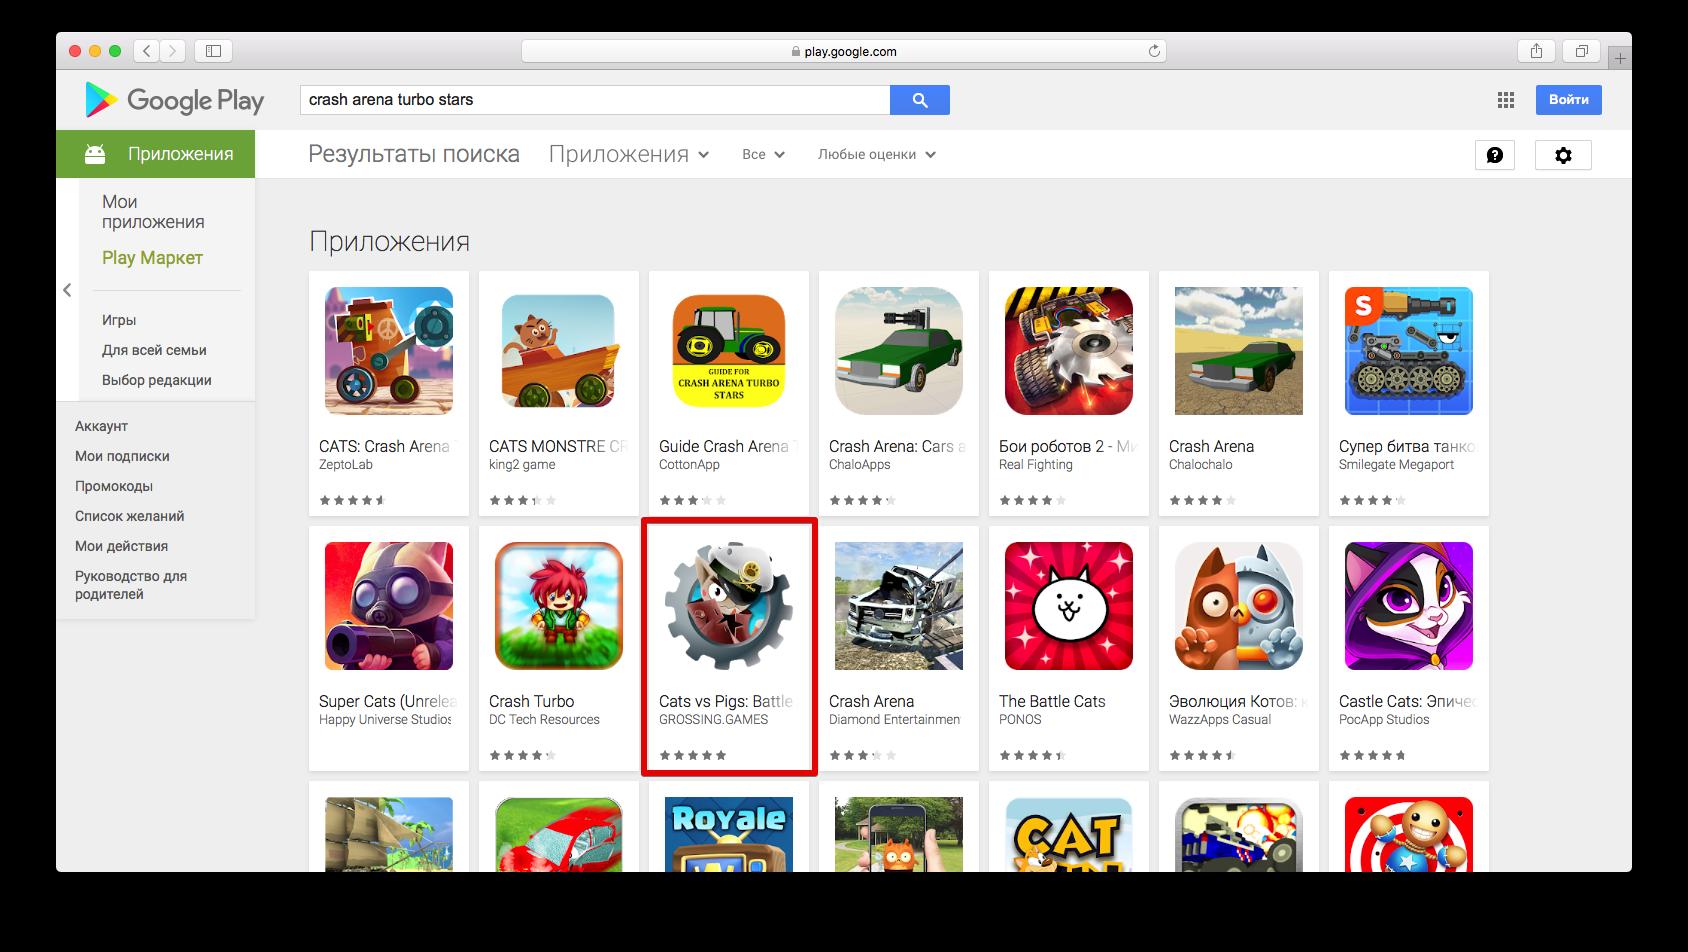 Делаем ASO сами себе: как мы бесплатно получили 2 000 установок за первую неделю в Google Play Open Beta - 4